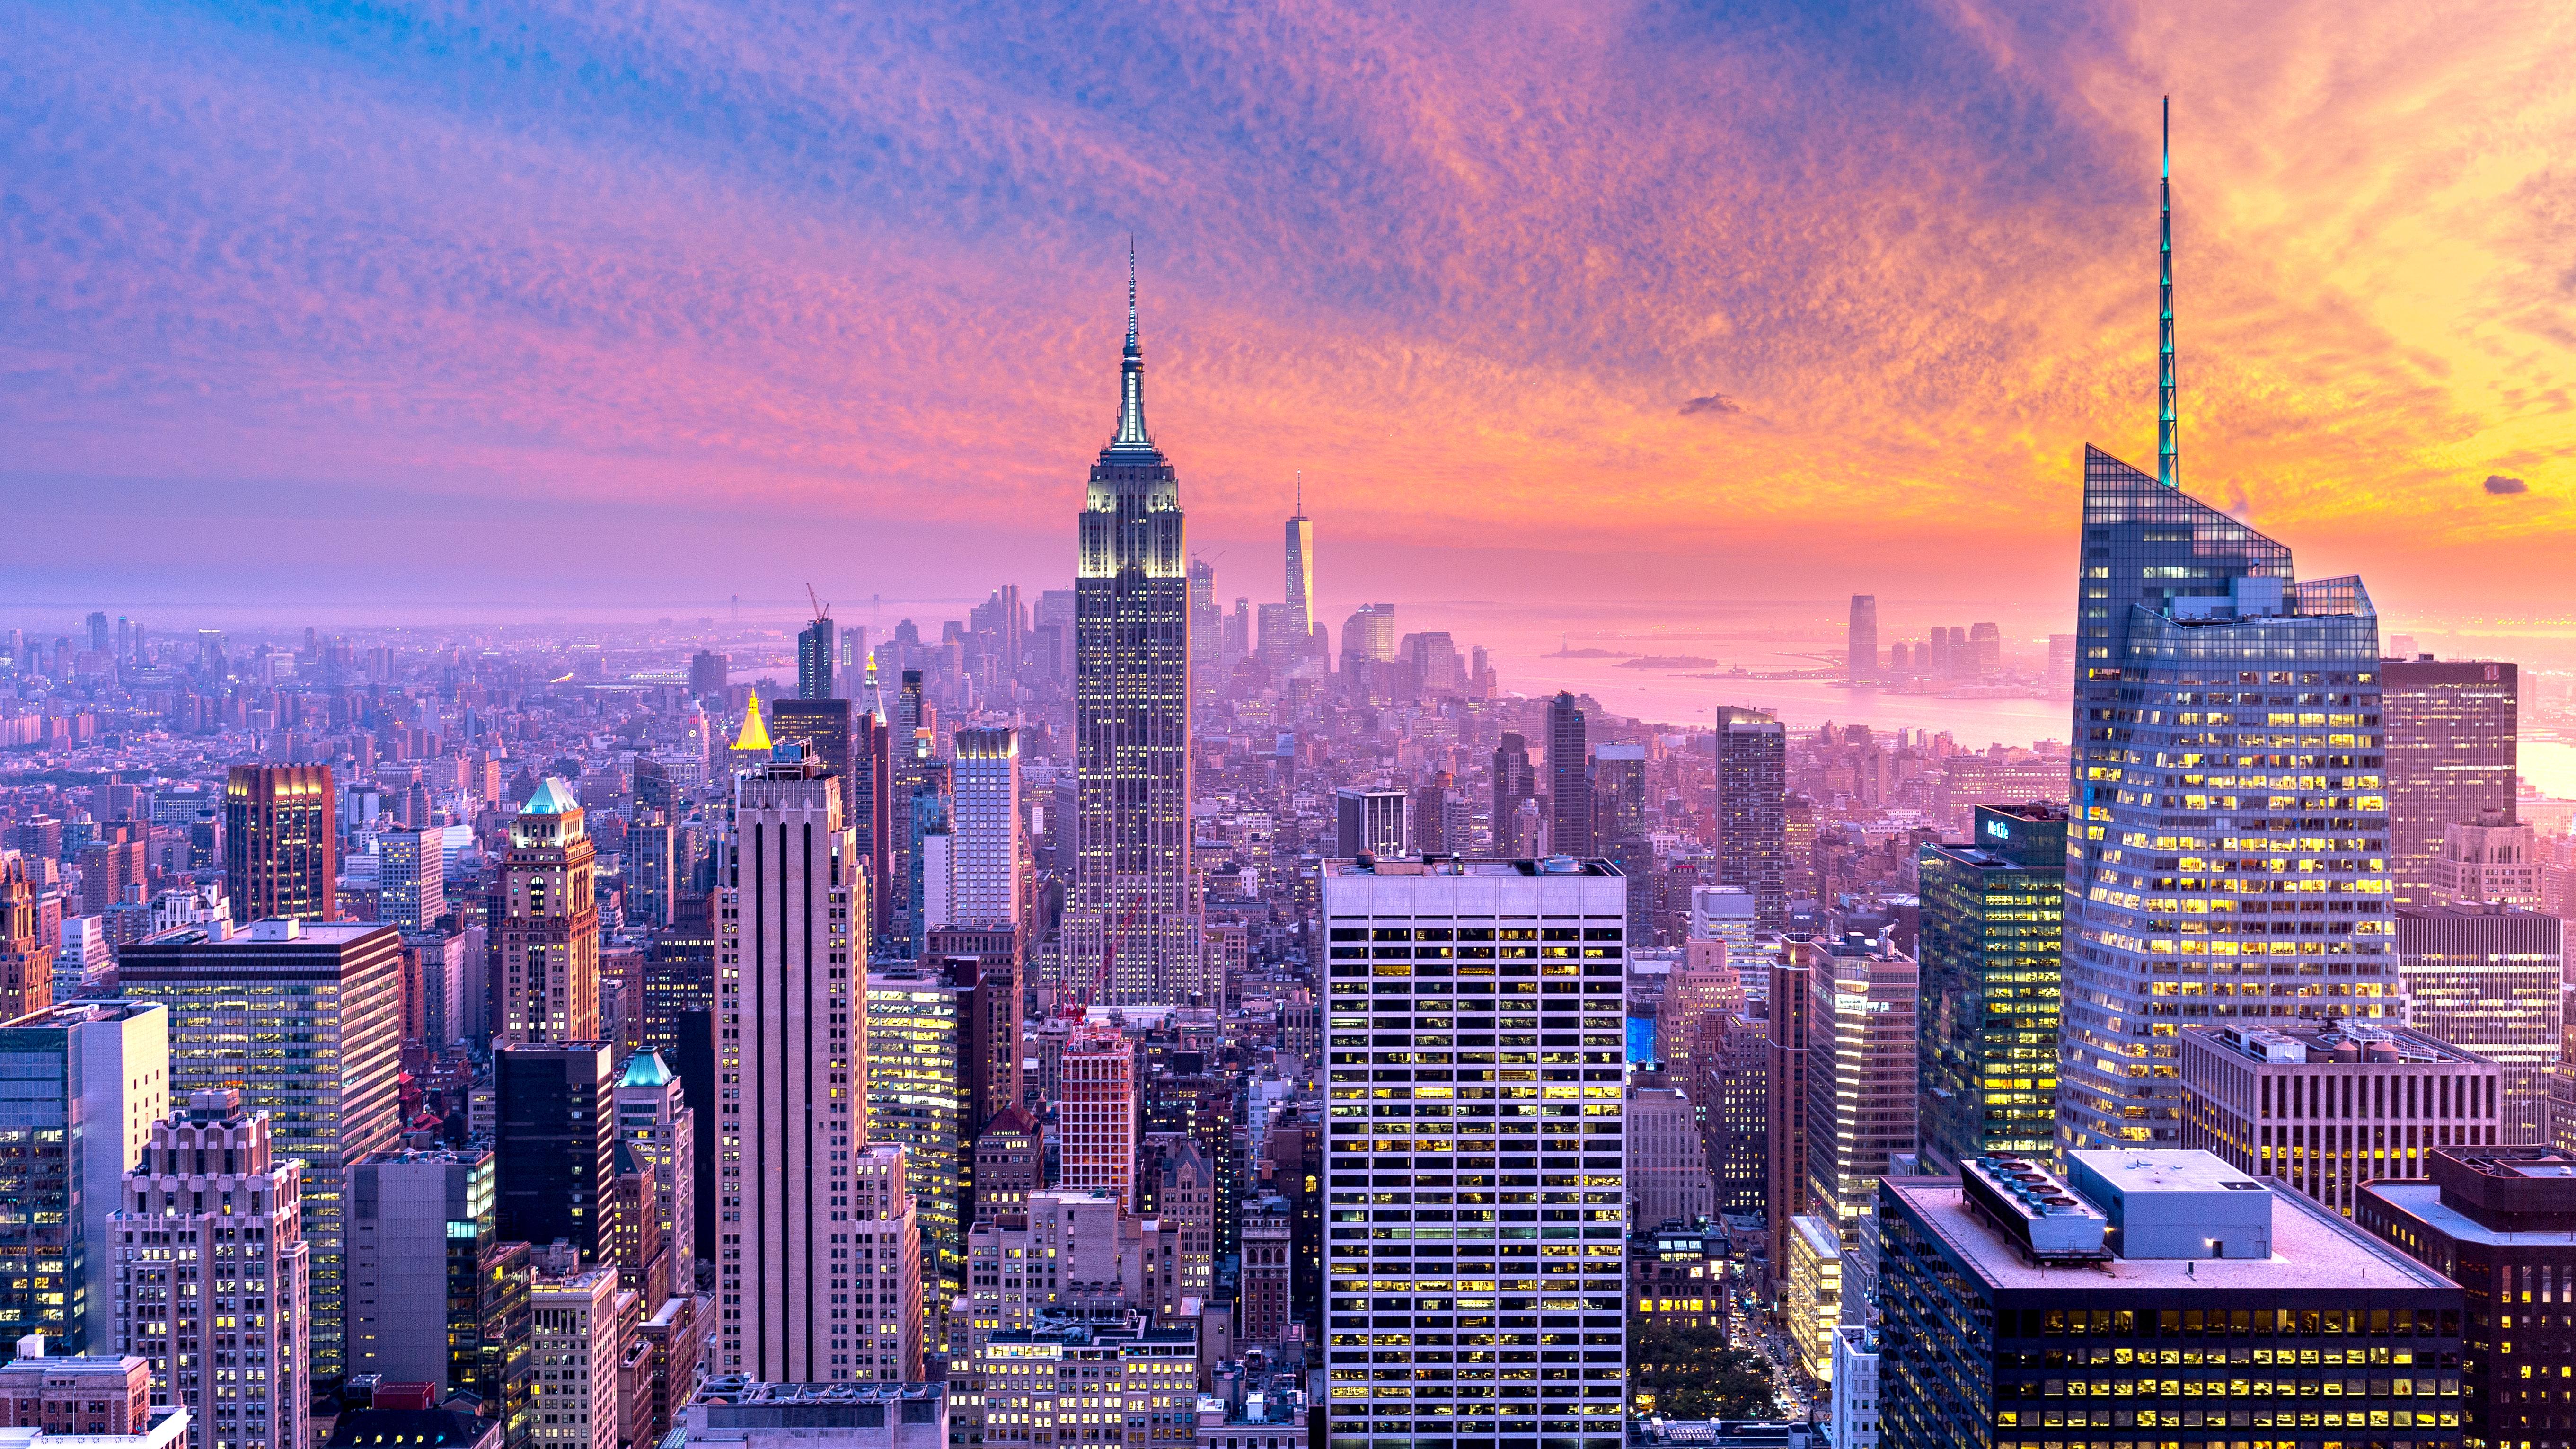 Vista de Manhattan al atardecer